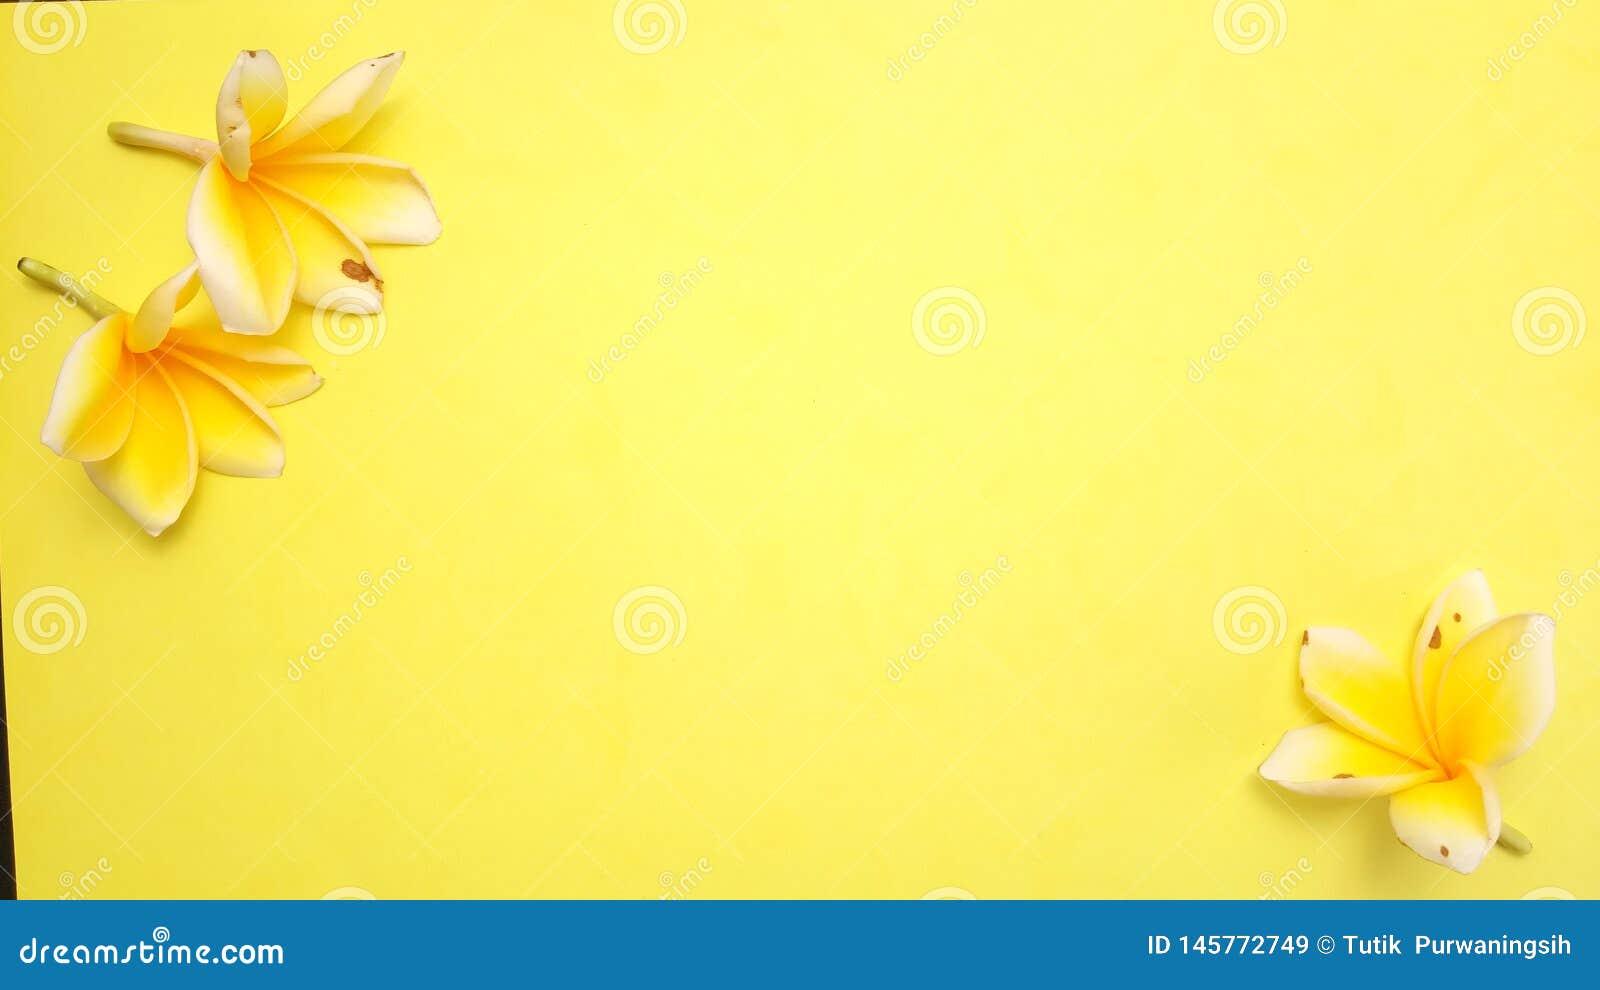 Κλείστε επάνω το κίτρινο υπόβαθρο με Frangipani, σχέδιο στοιχείων για το μήνυμα, απόσπασμα, τοποθέτηση κειμένων πληροφοριών